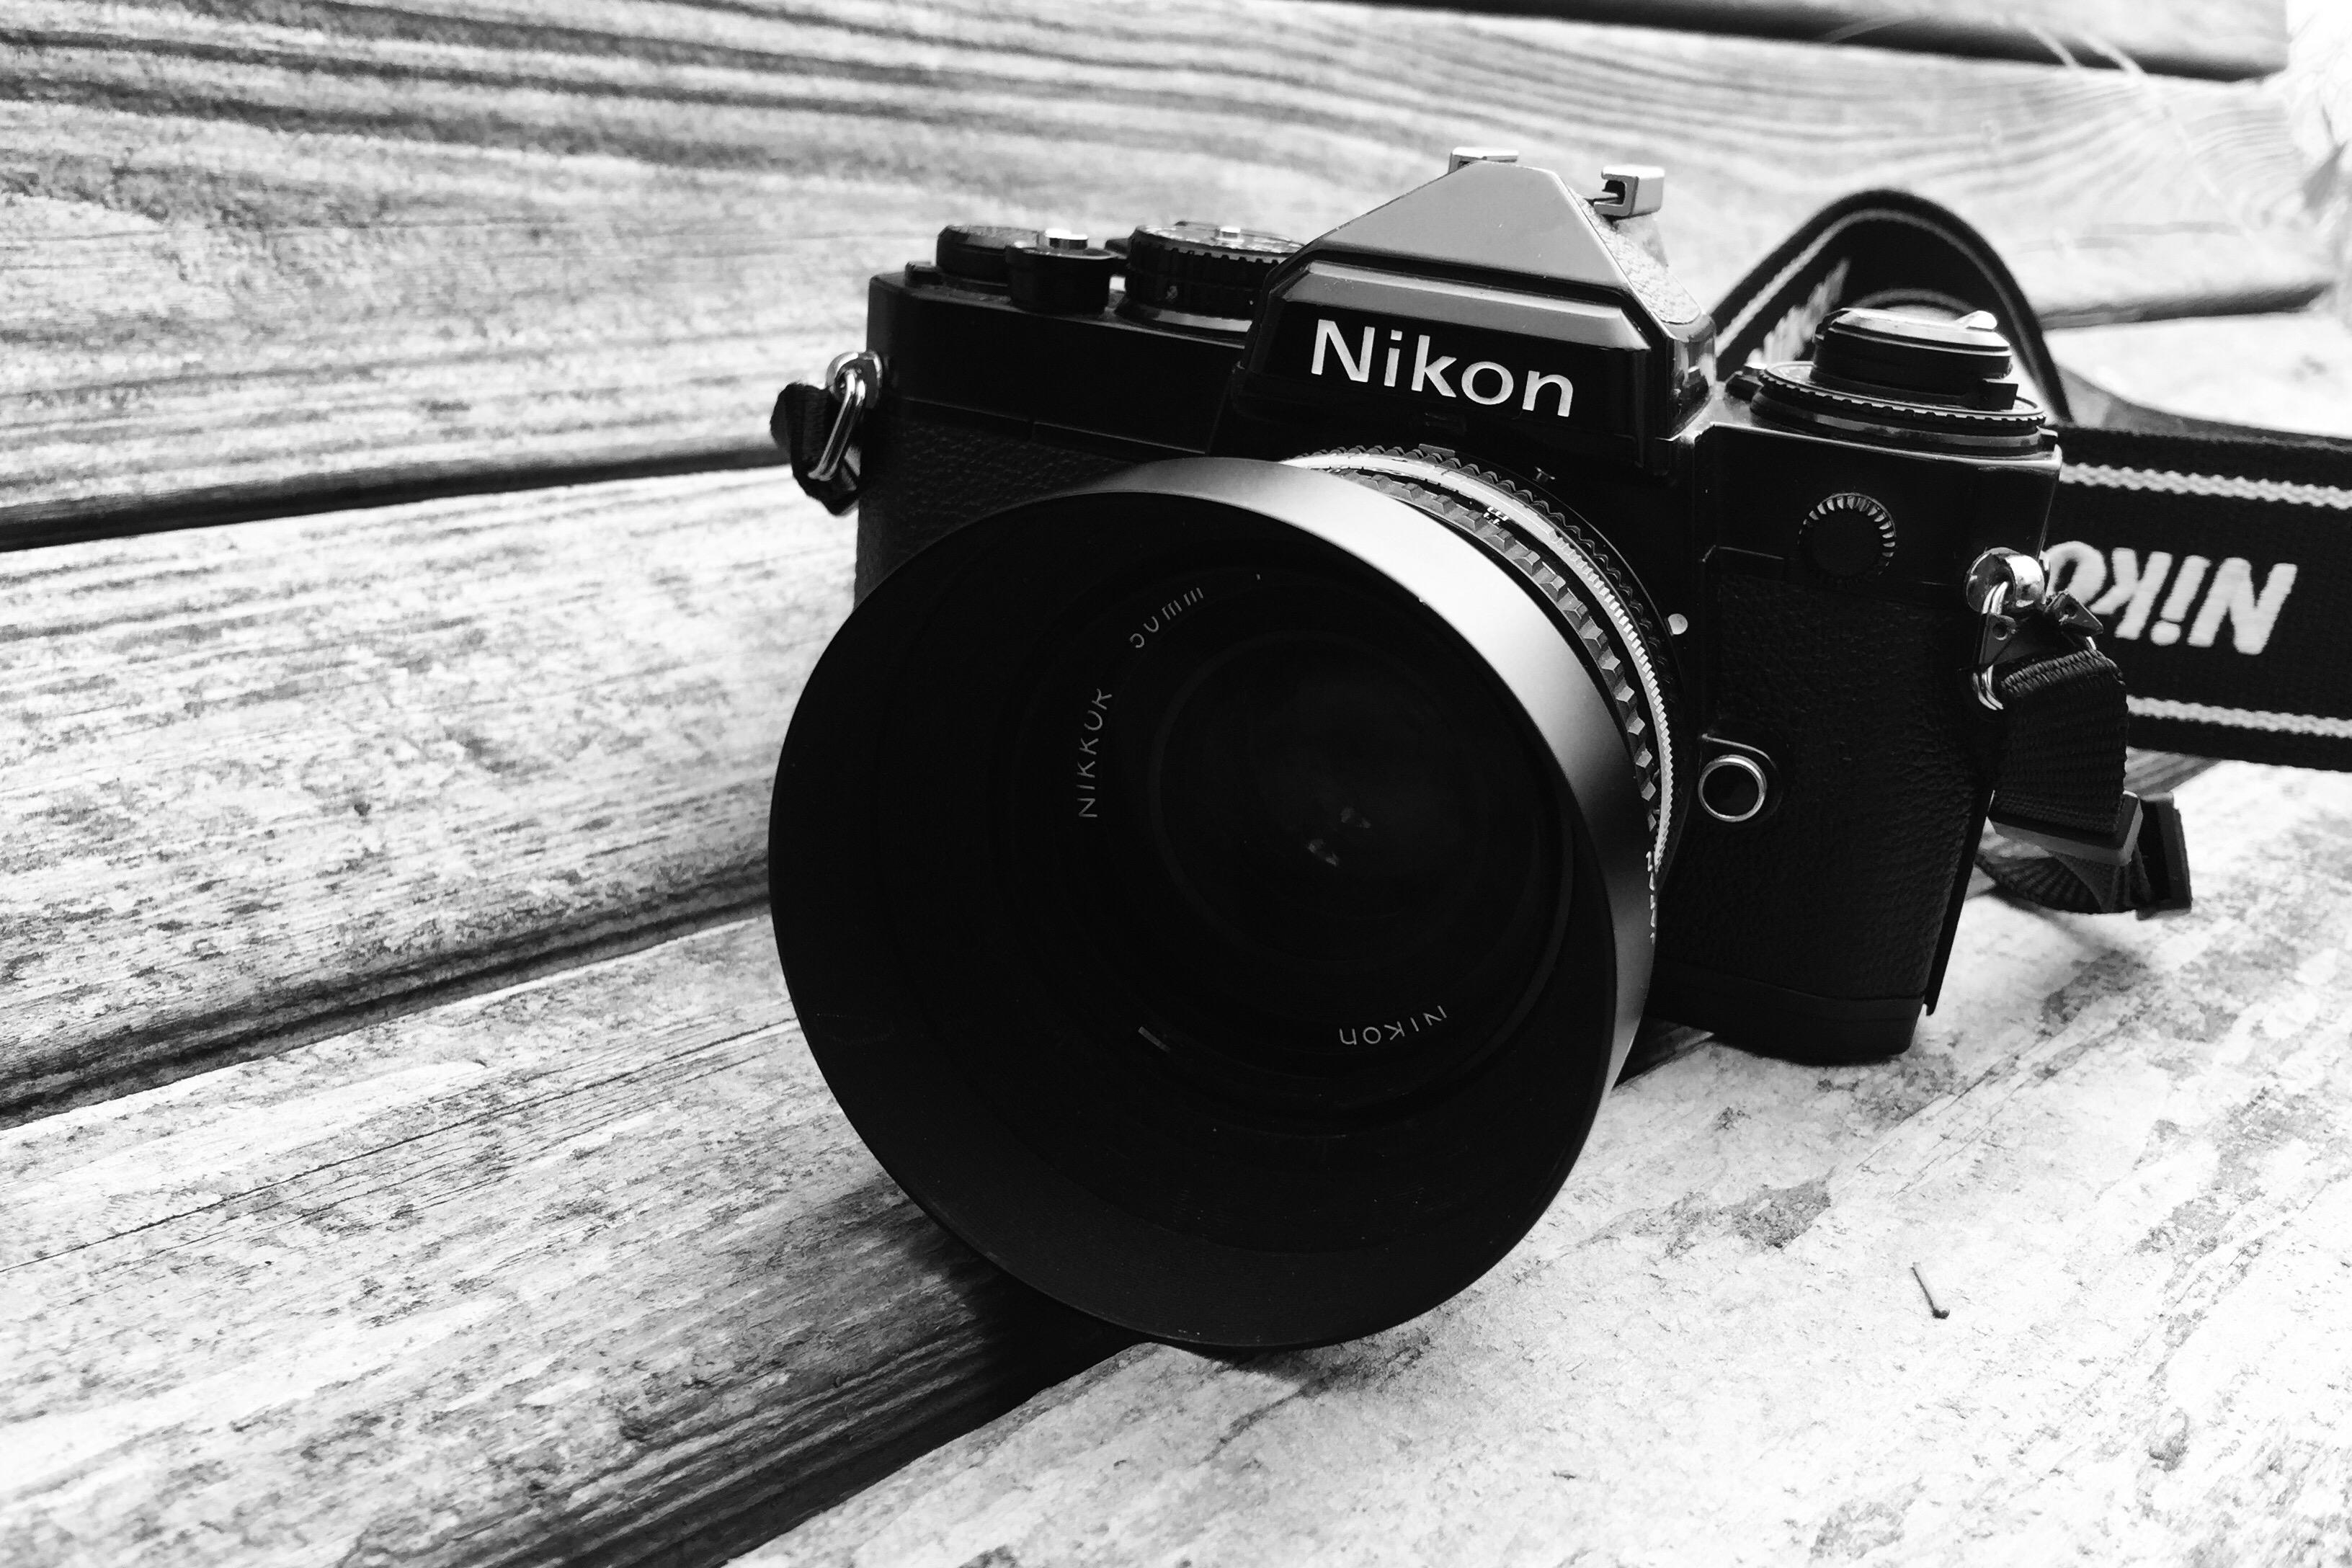 手の届くカメラ、というのもフィルムカメラのよさだと思う。